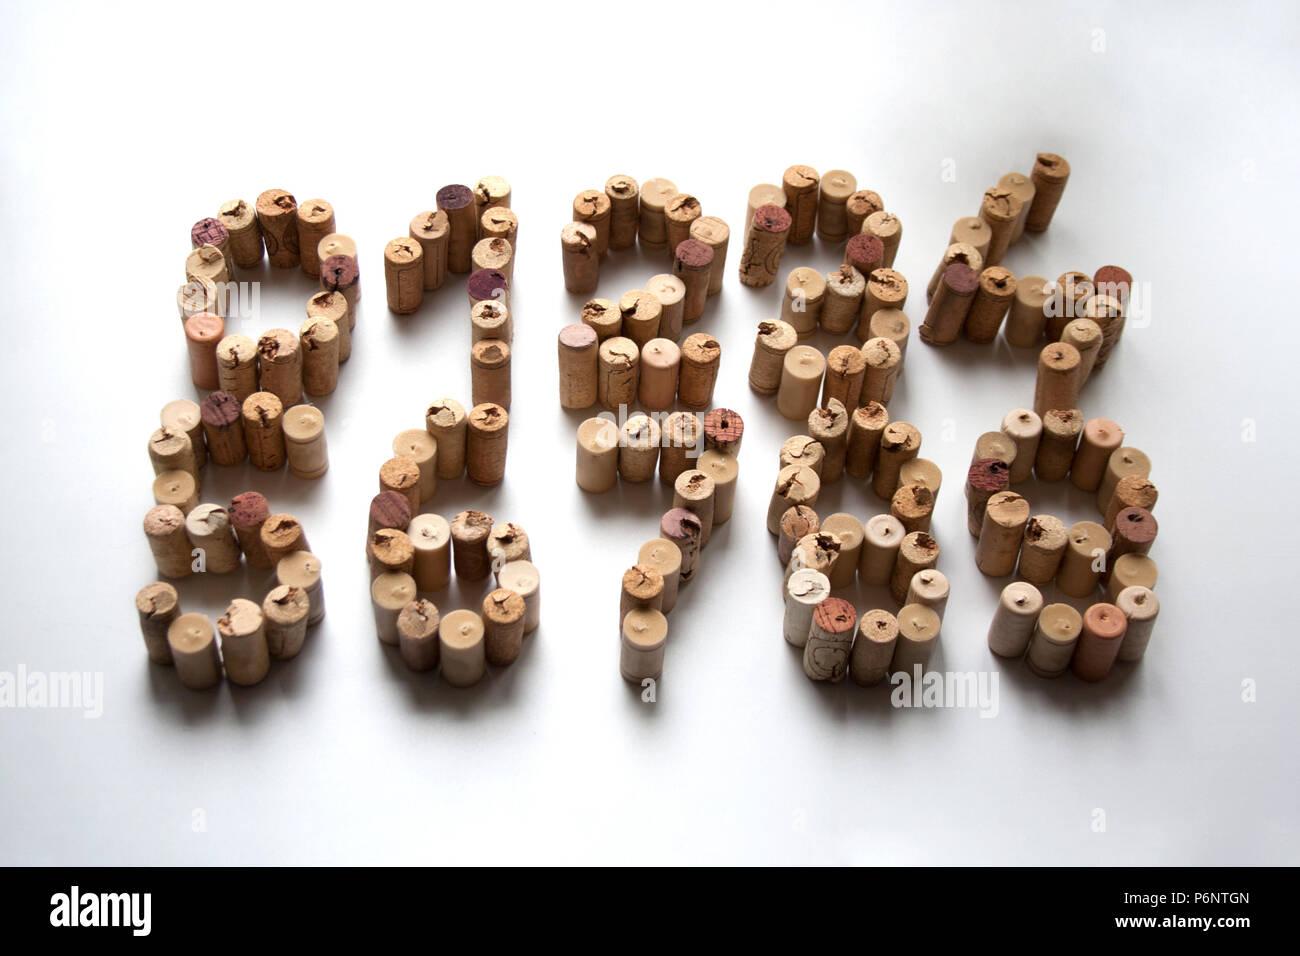 Wine cork digits isolated on white background - Stock Image